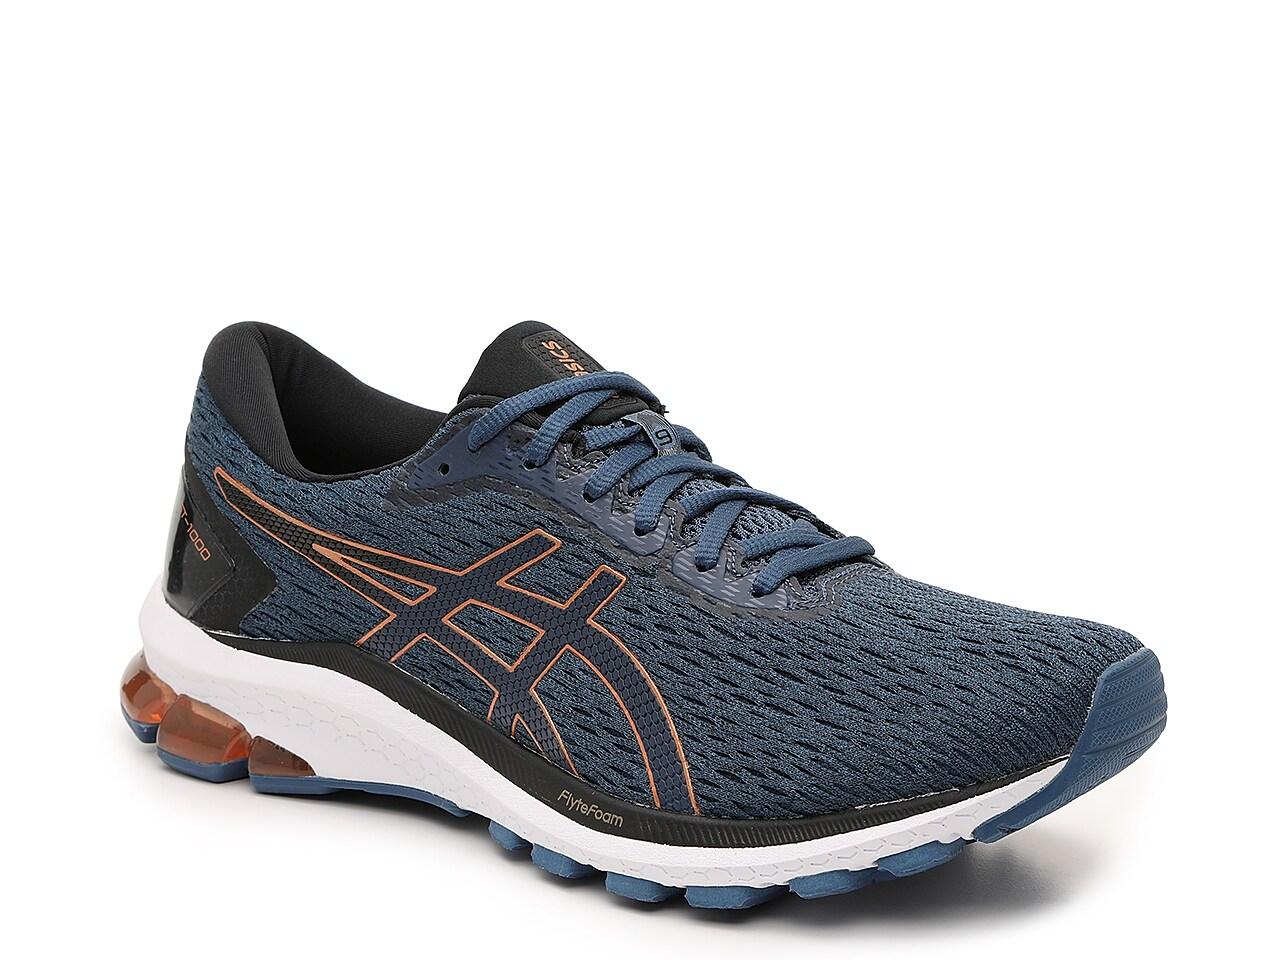 ASICS GT-1000 9 Running Shoe - Men's